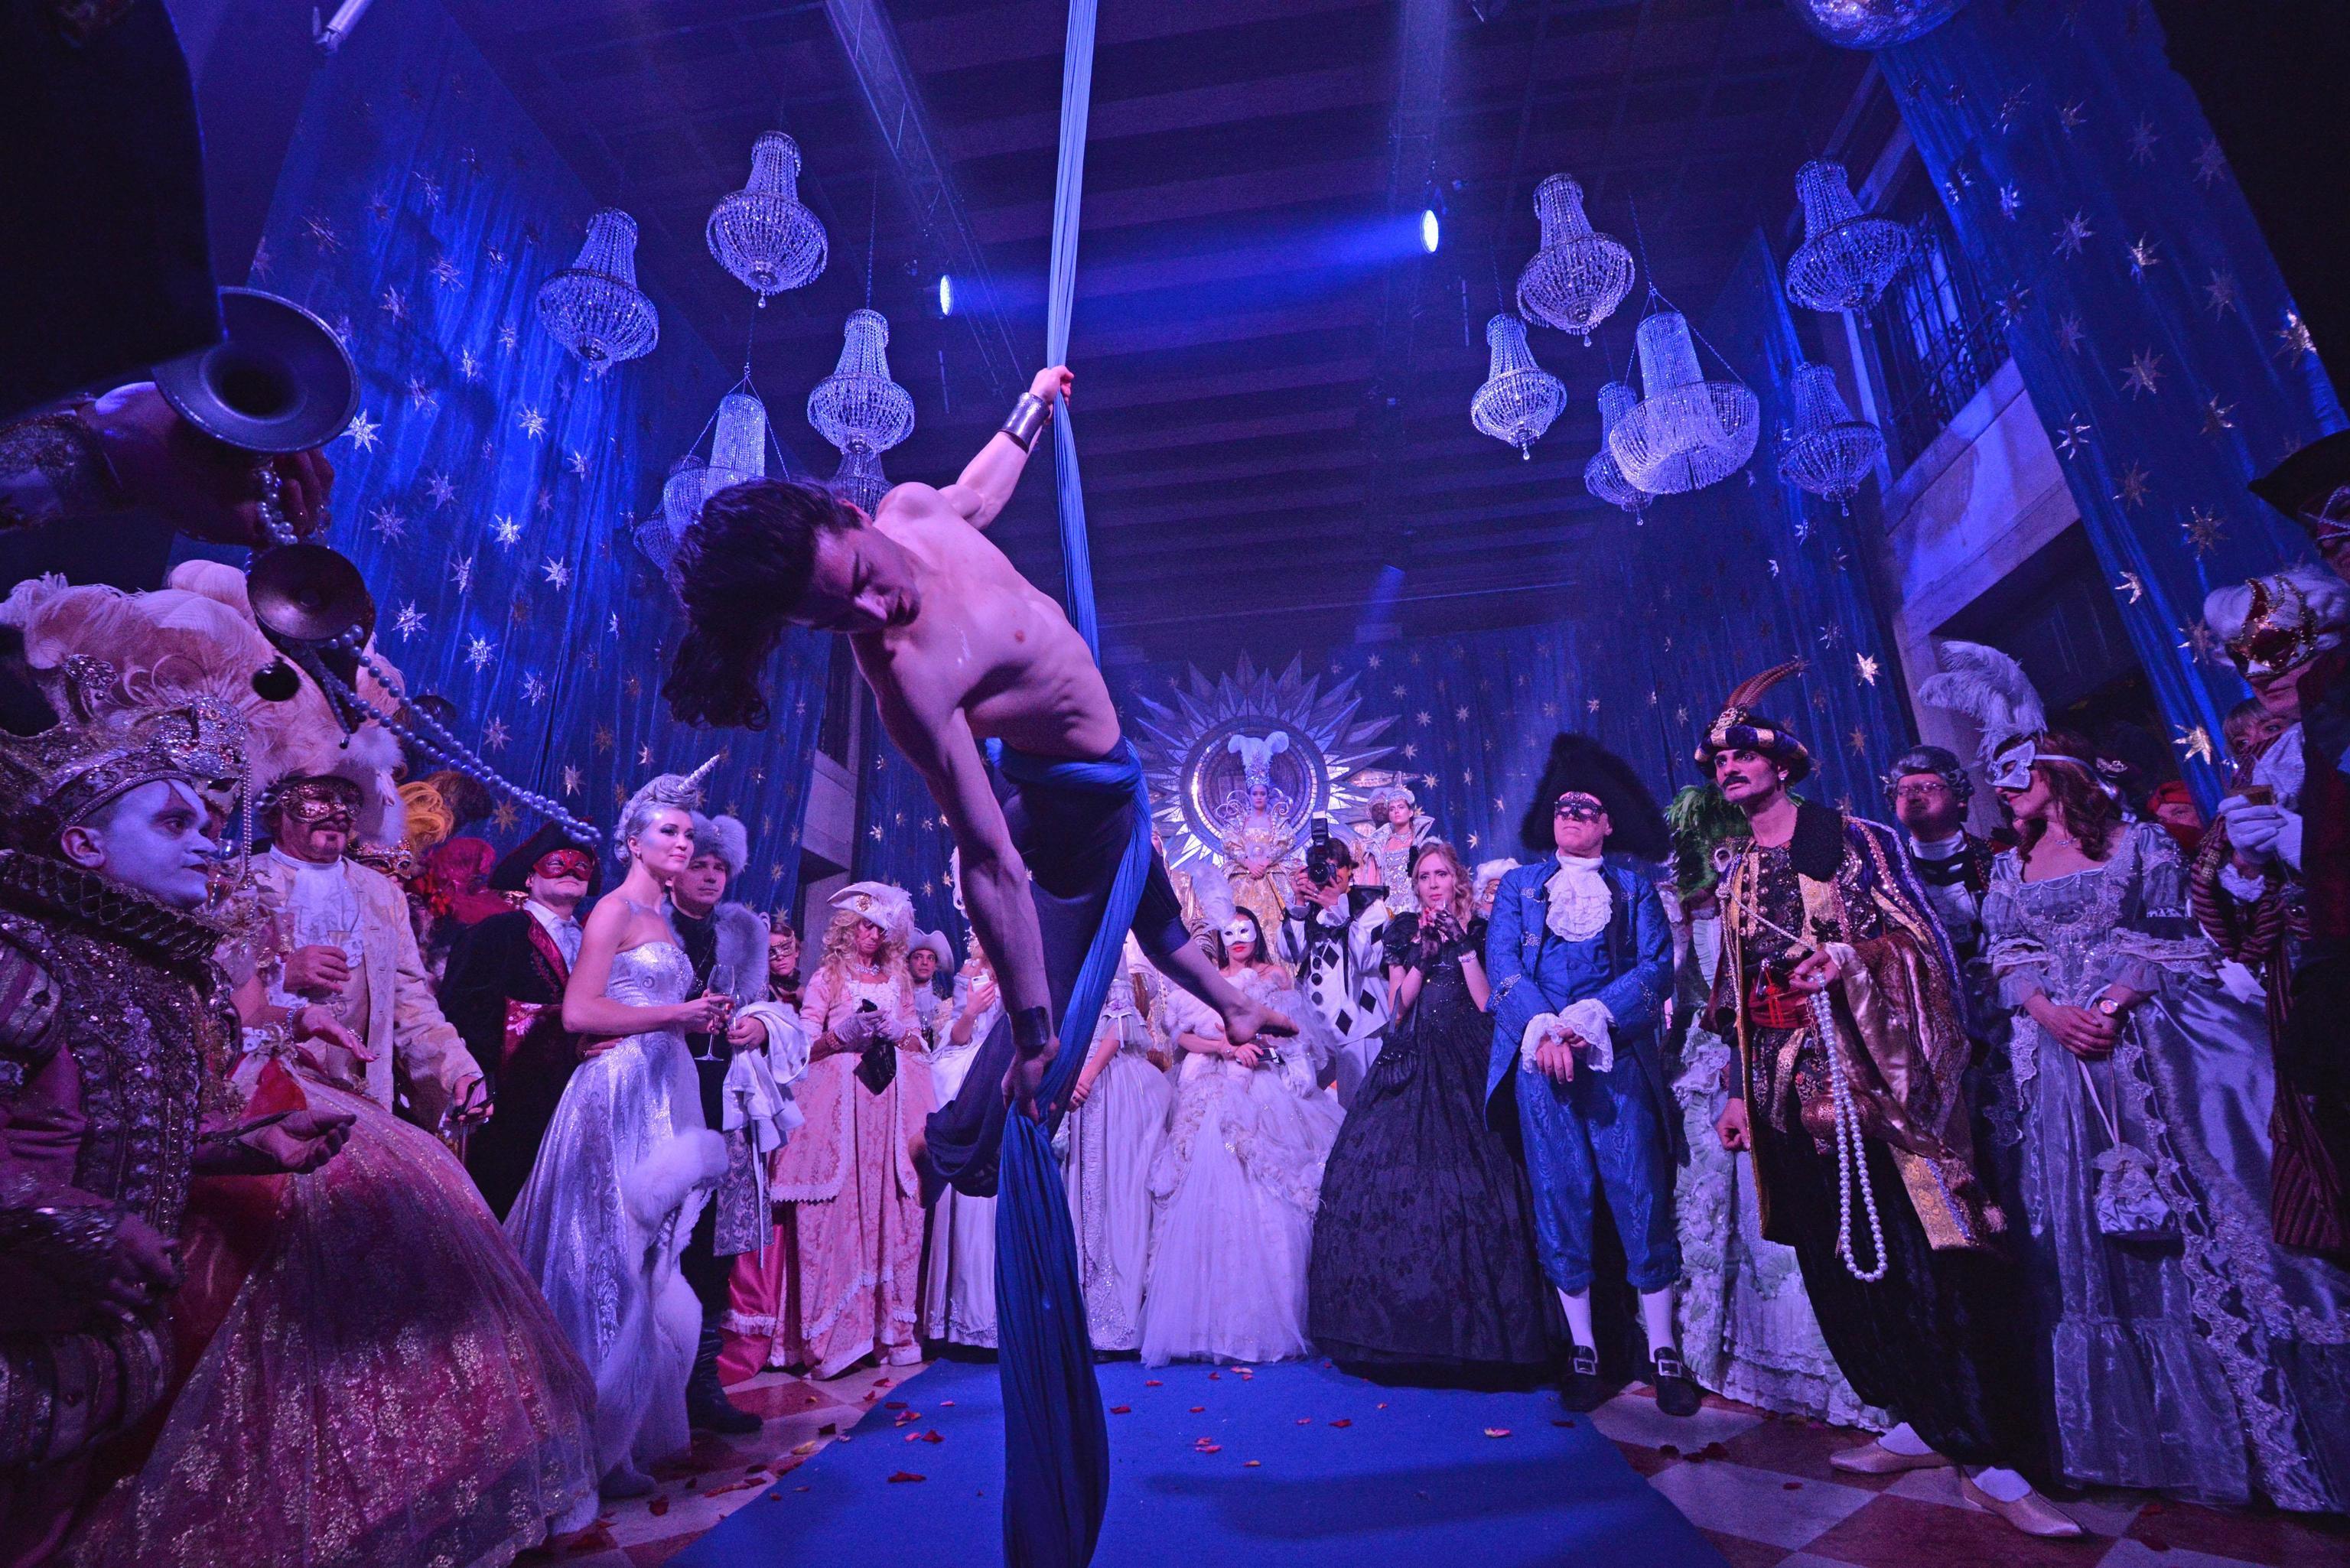 """Venoce Carnival: the """"Doge dance"""""""